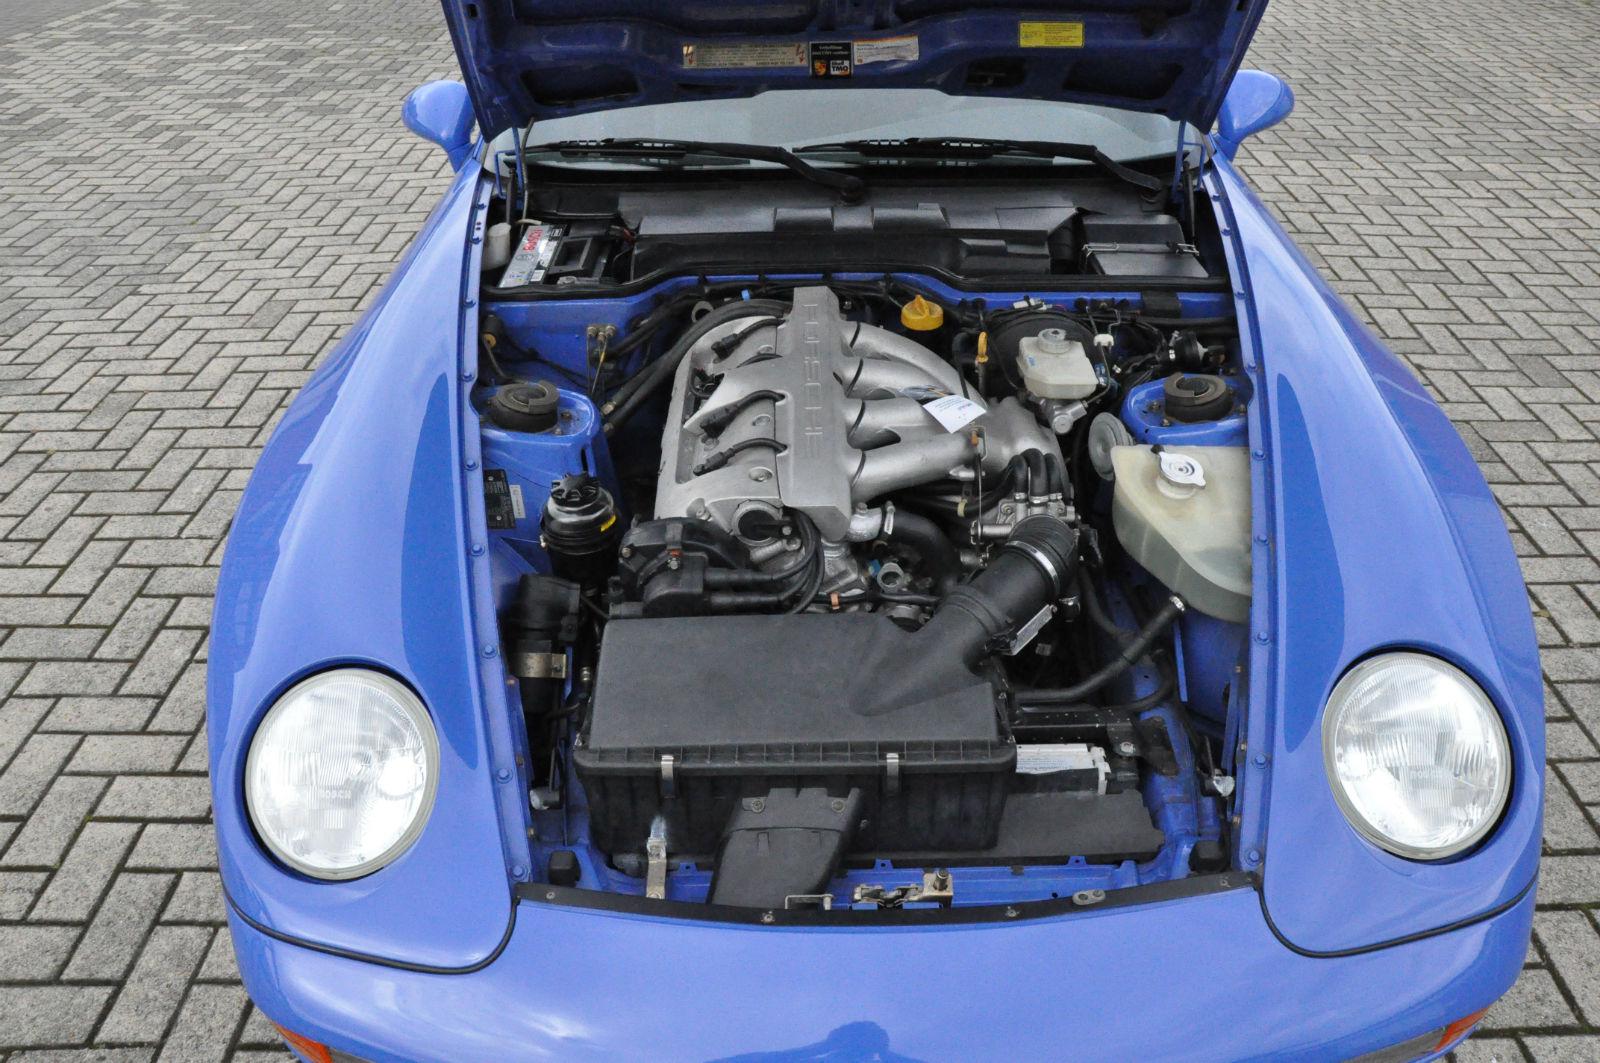 968 CS motor